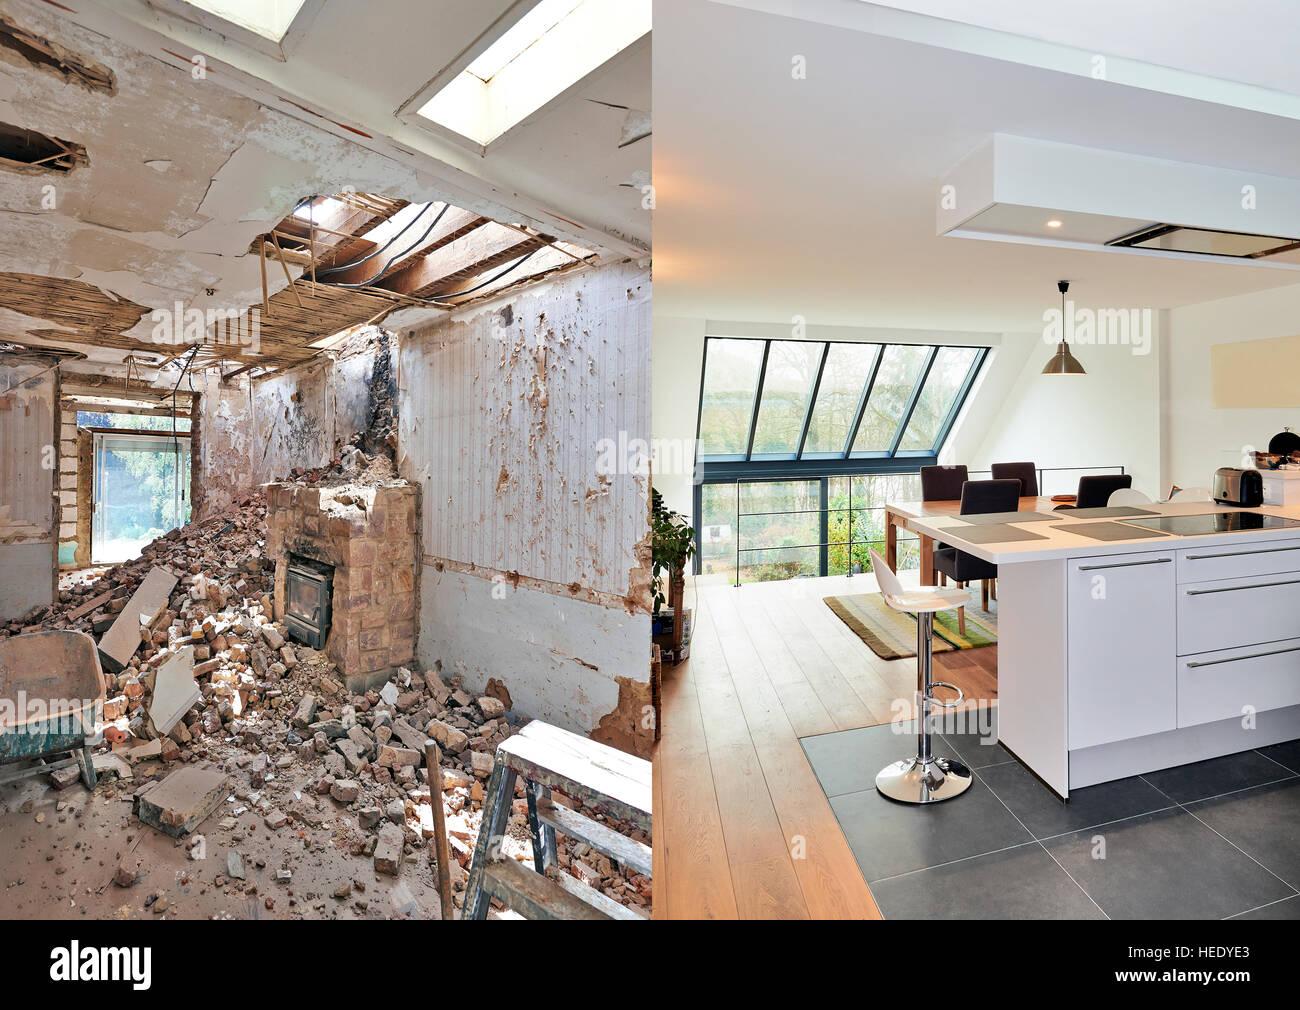 Charmant Küche Umbau Auftragnehmer Rich Va Fotos - Ideen Für Die ...